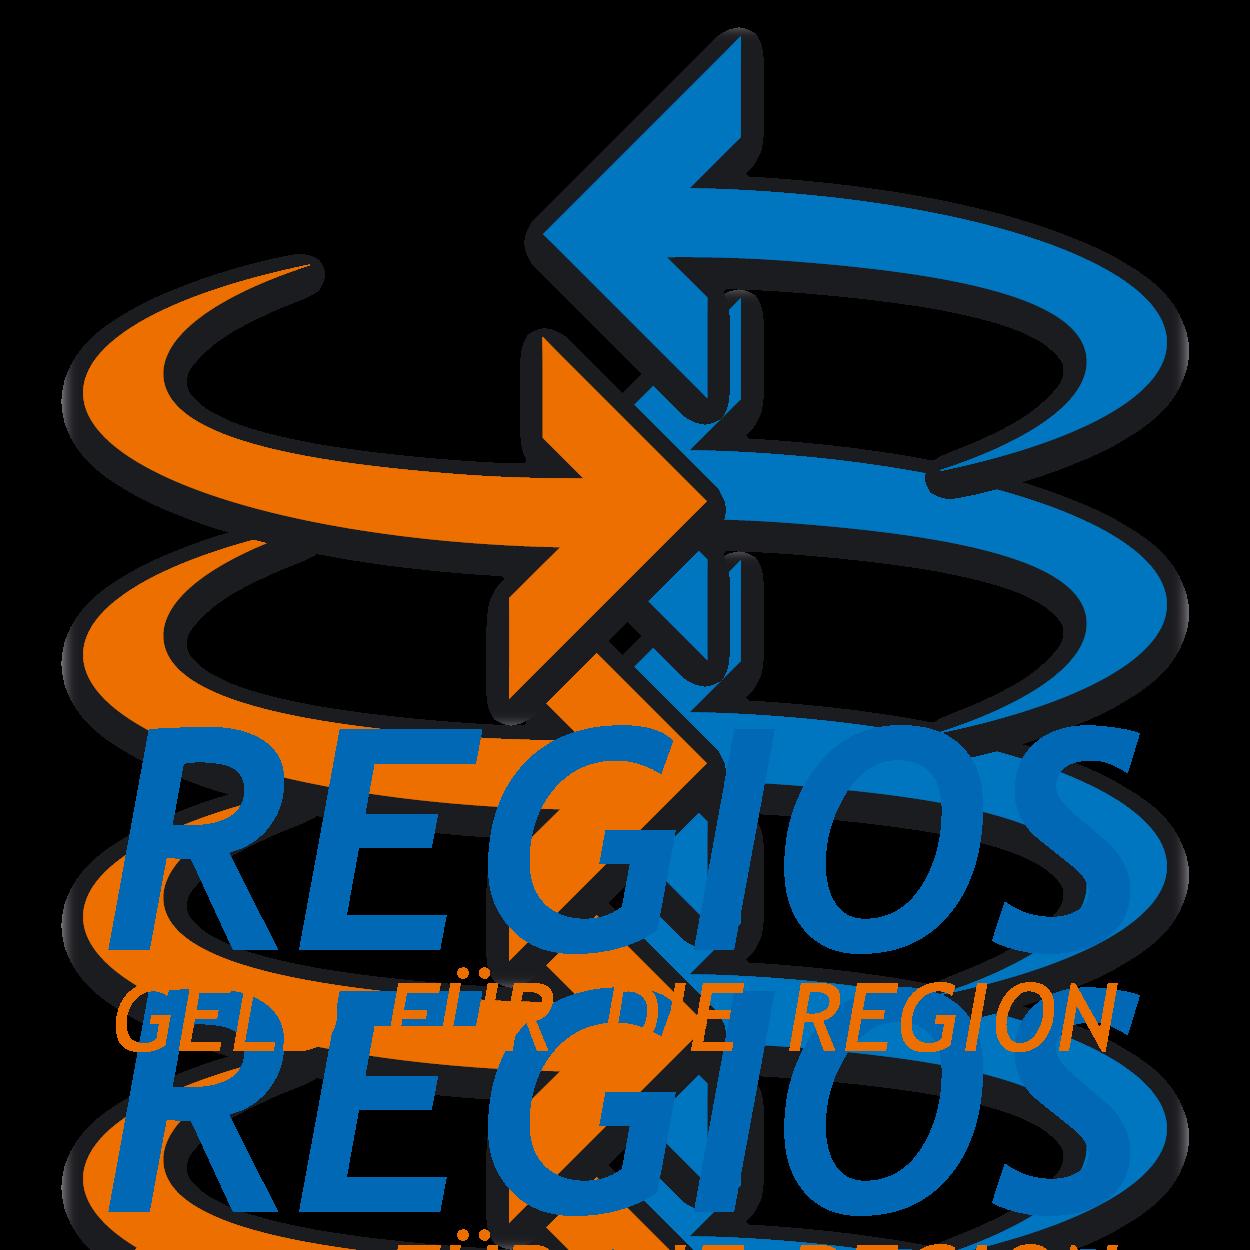 Logo Regios